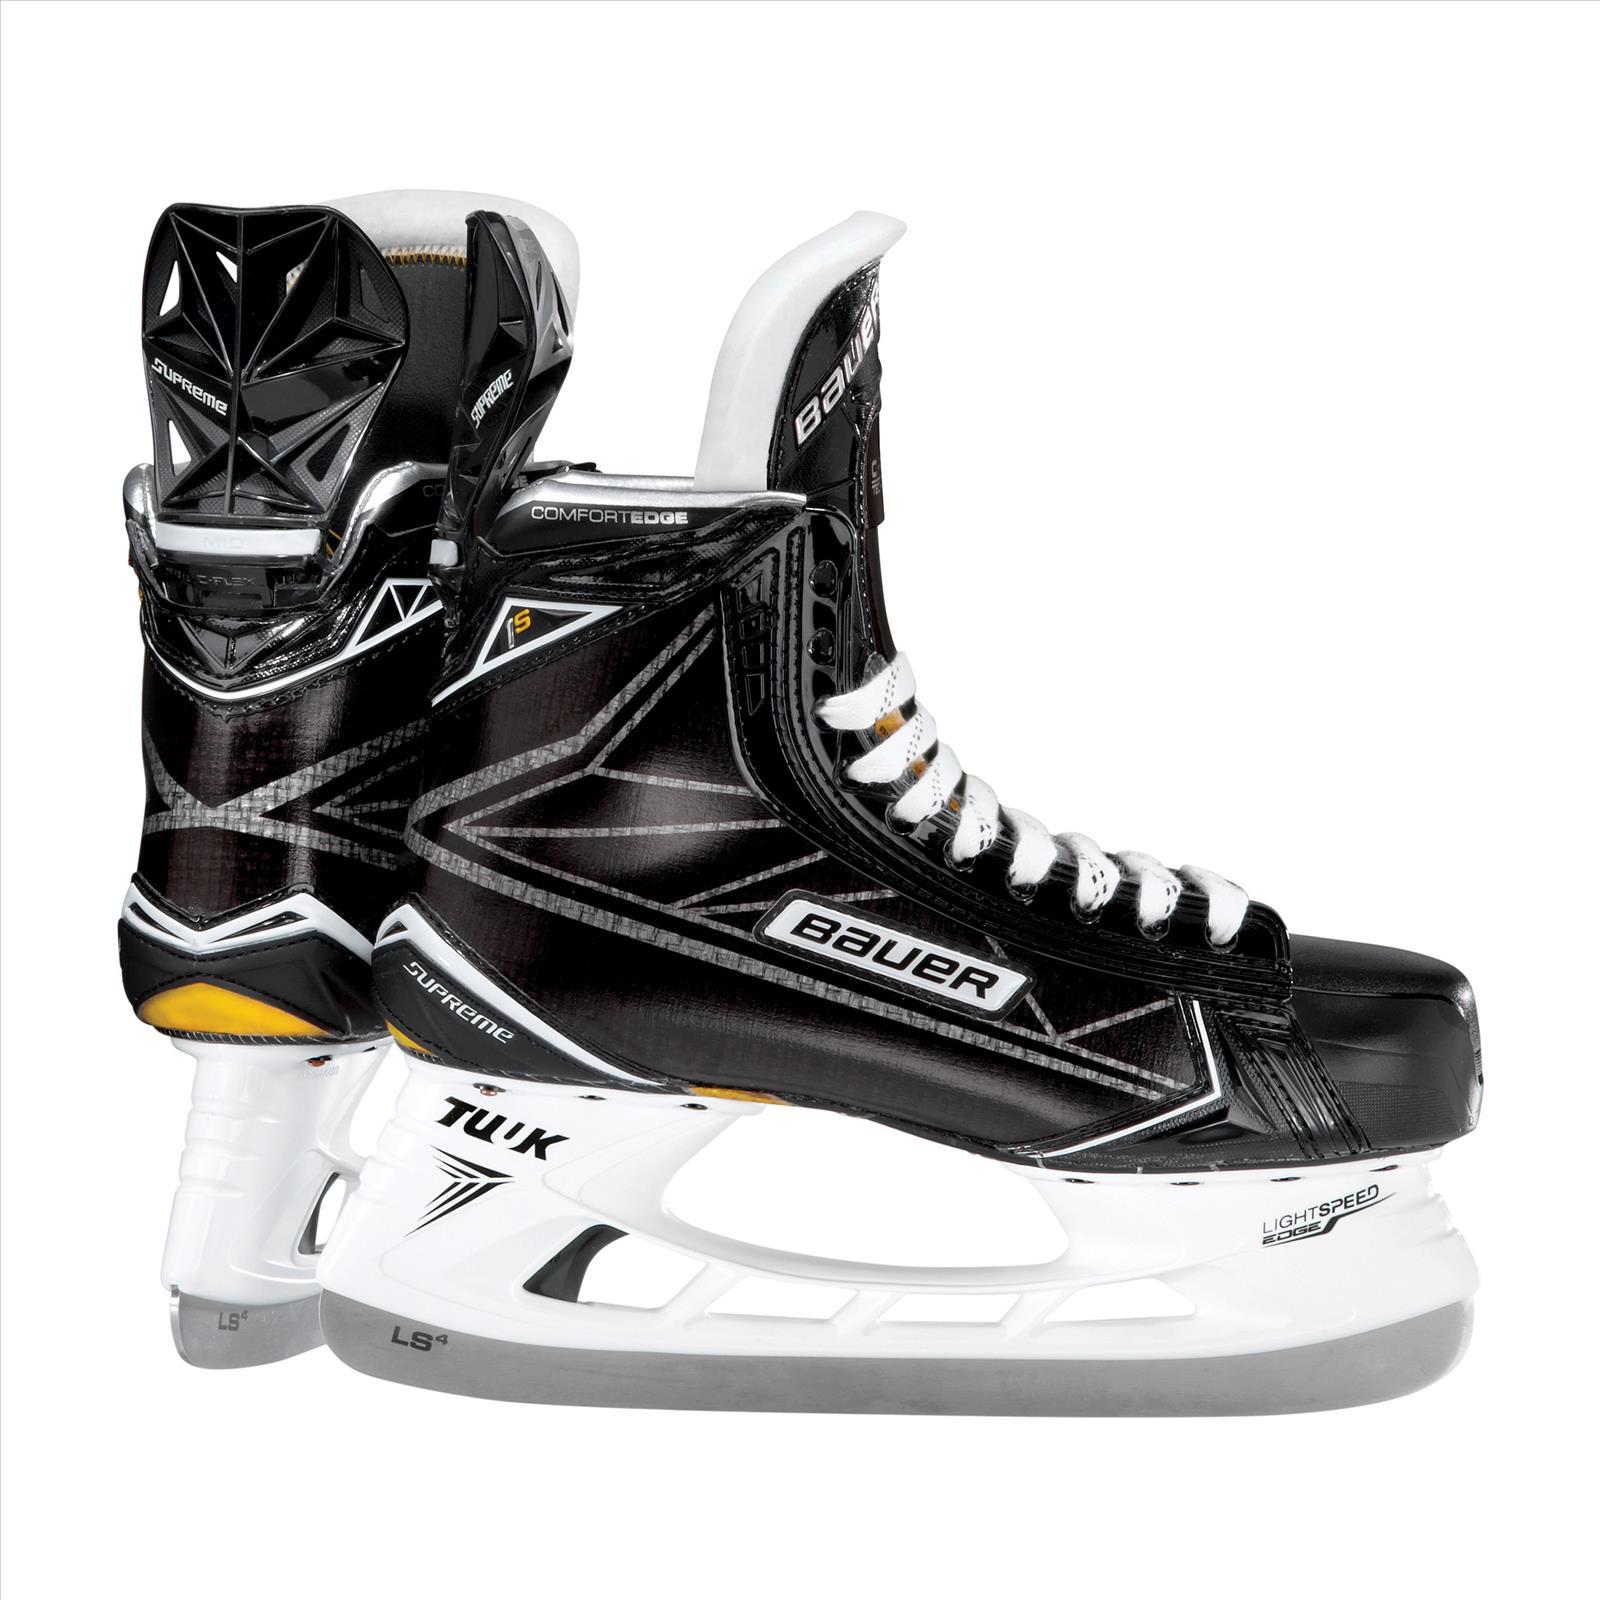 fa23e06e7dabc Bauer Supreme 1S Skate SR - hokejové korčule